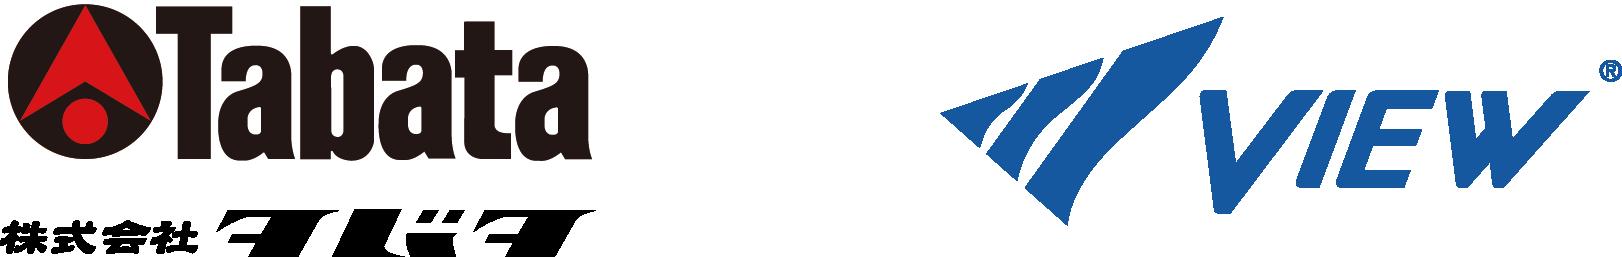 株式会社タバタ